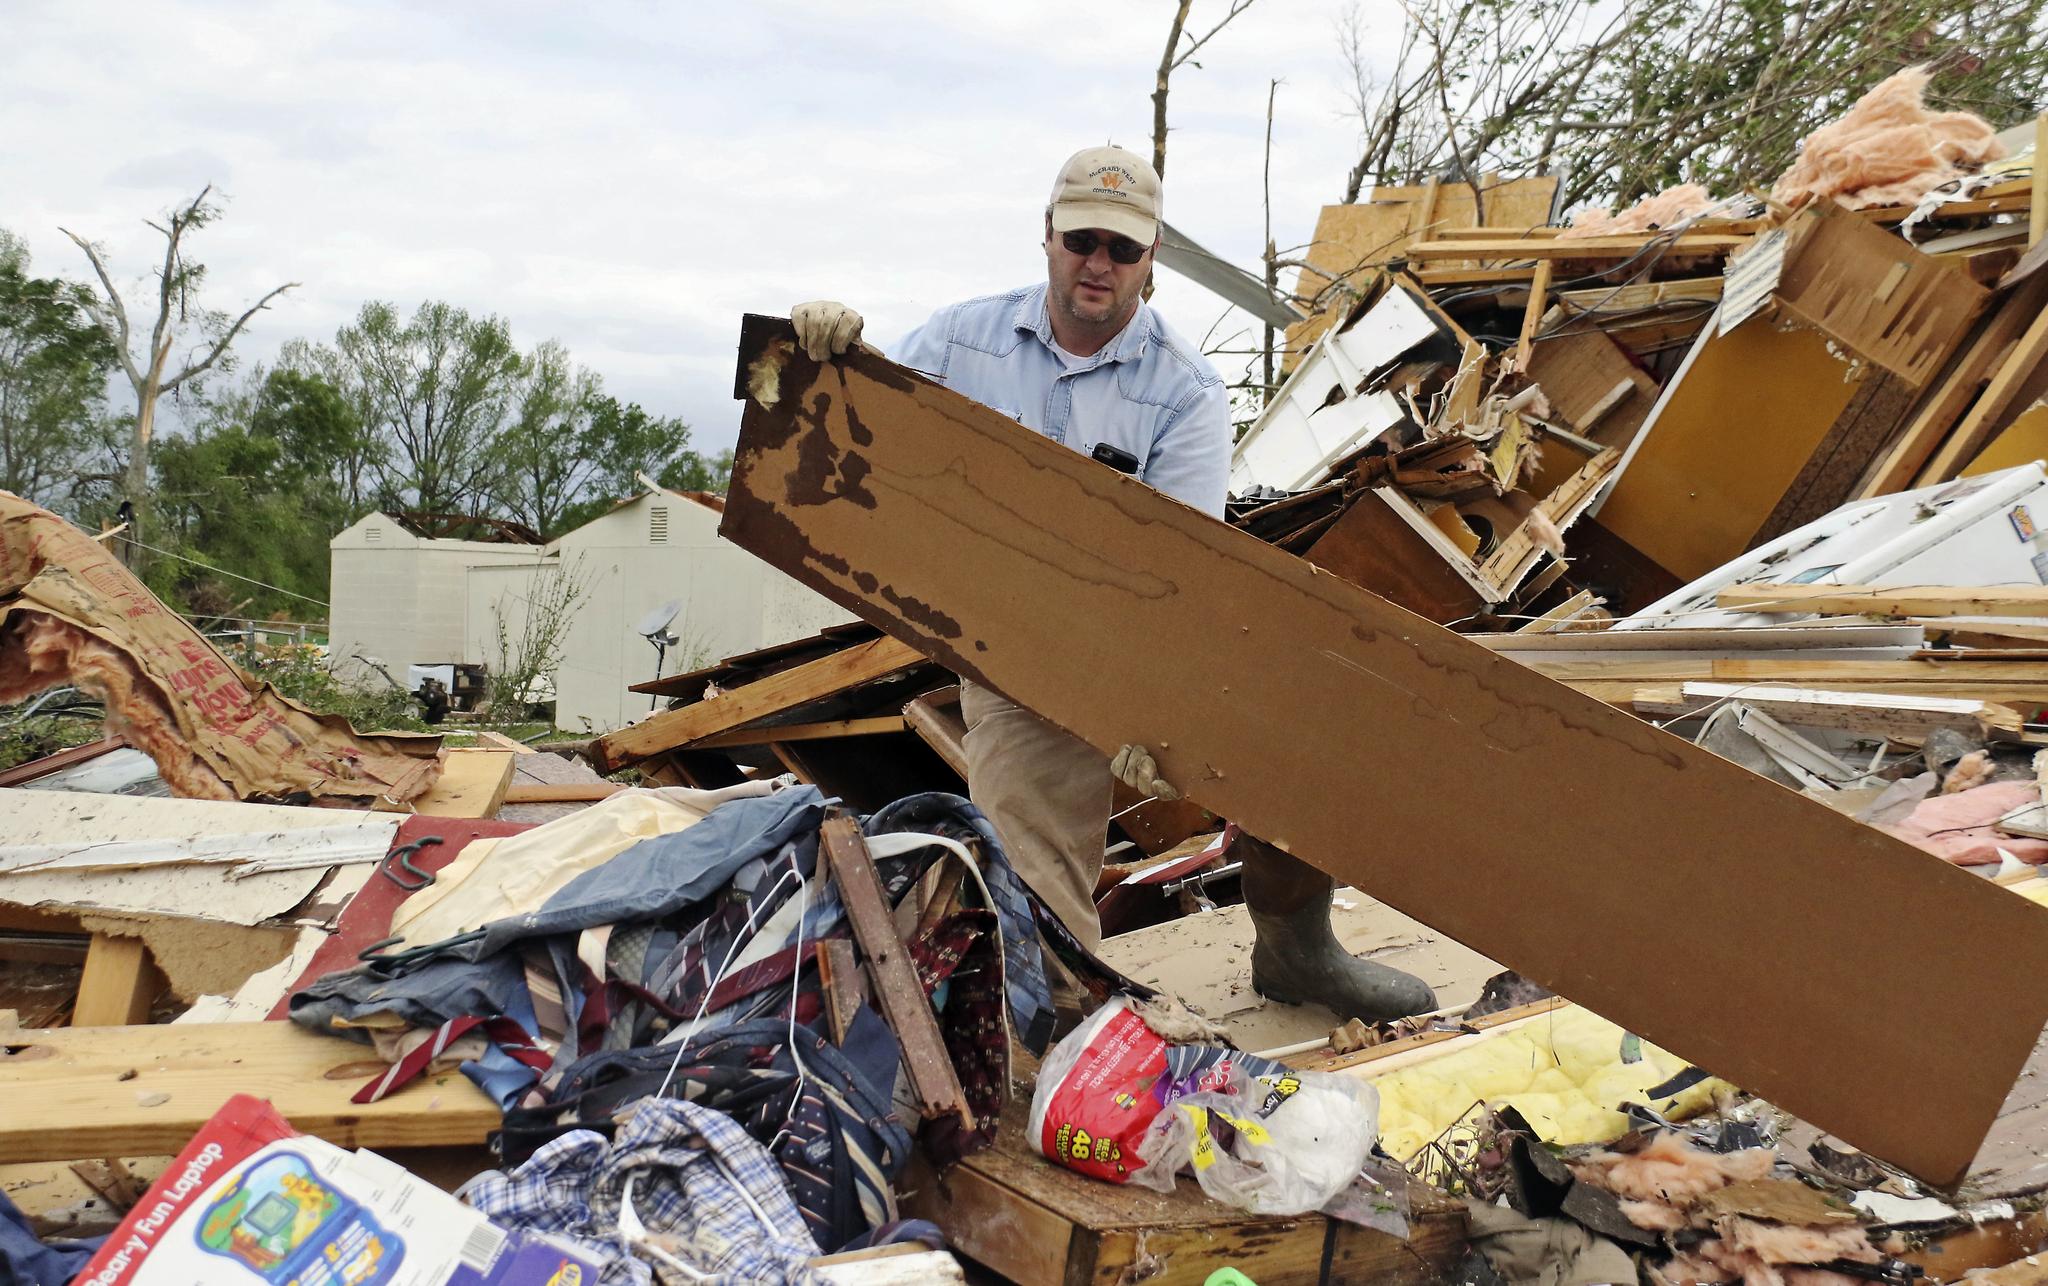 14일(현지시간) 미 미시시피 해밀턴 한 주민이 폭풍으로 무너진 집을 정리하고 있다.[AP=연합뉴스]